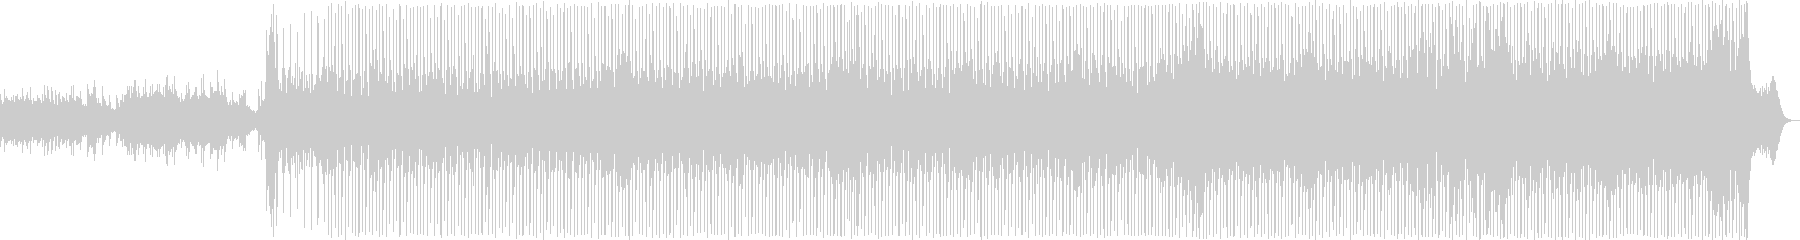 軽快な雰囲気のポップBGMの未再生の波形